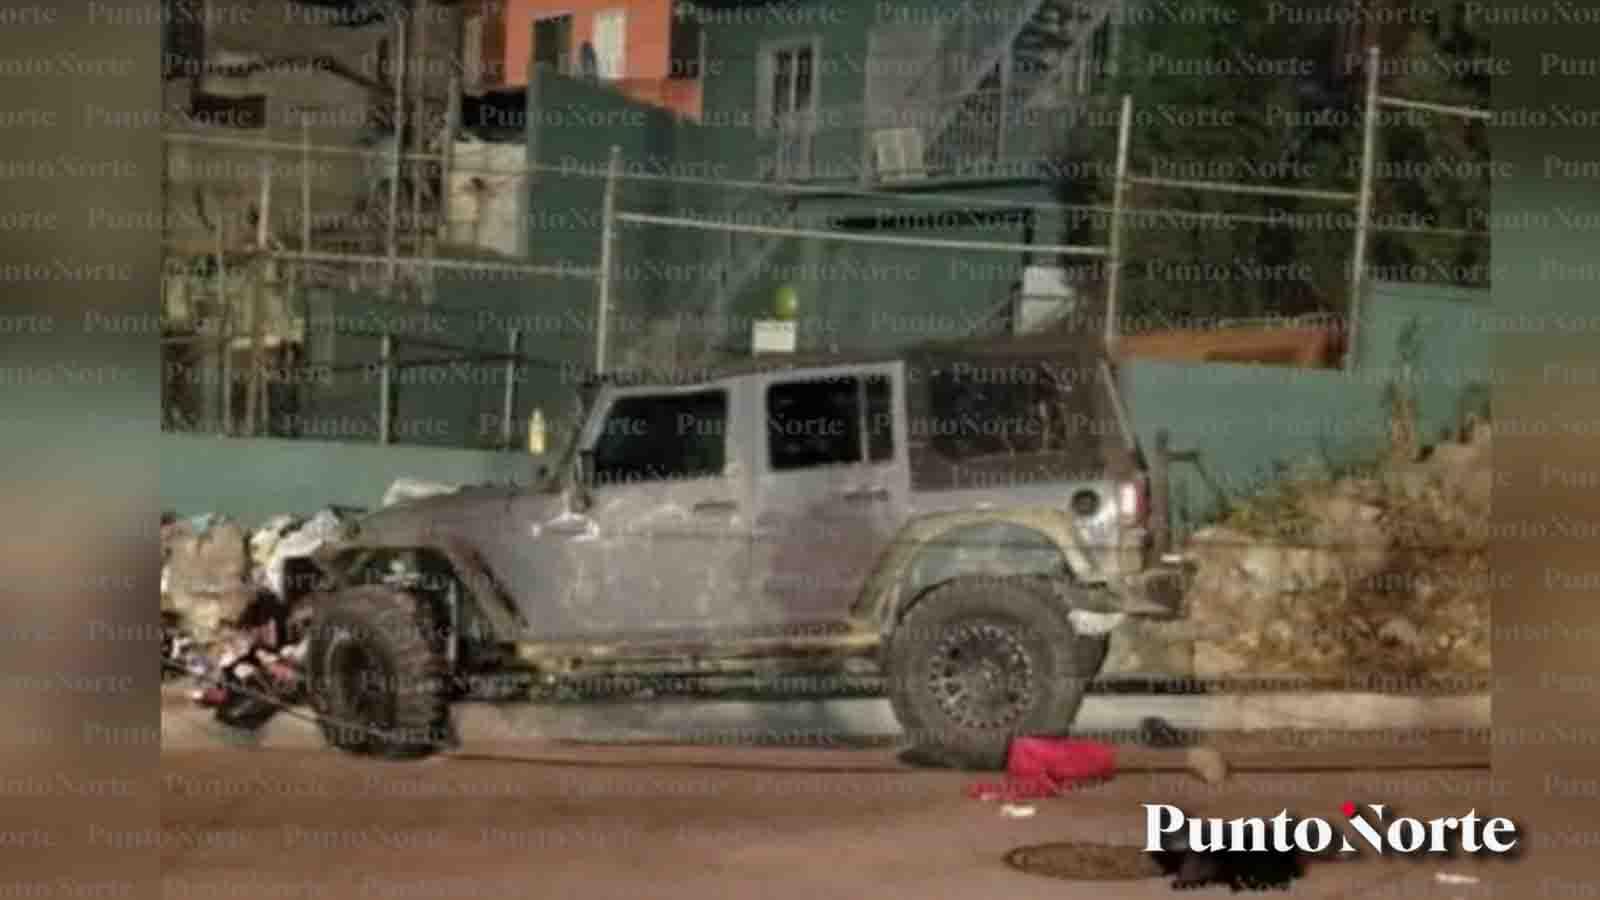 Policías arrestan a hombre que se quedó dormido mientras su hija colgaba de una ventana